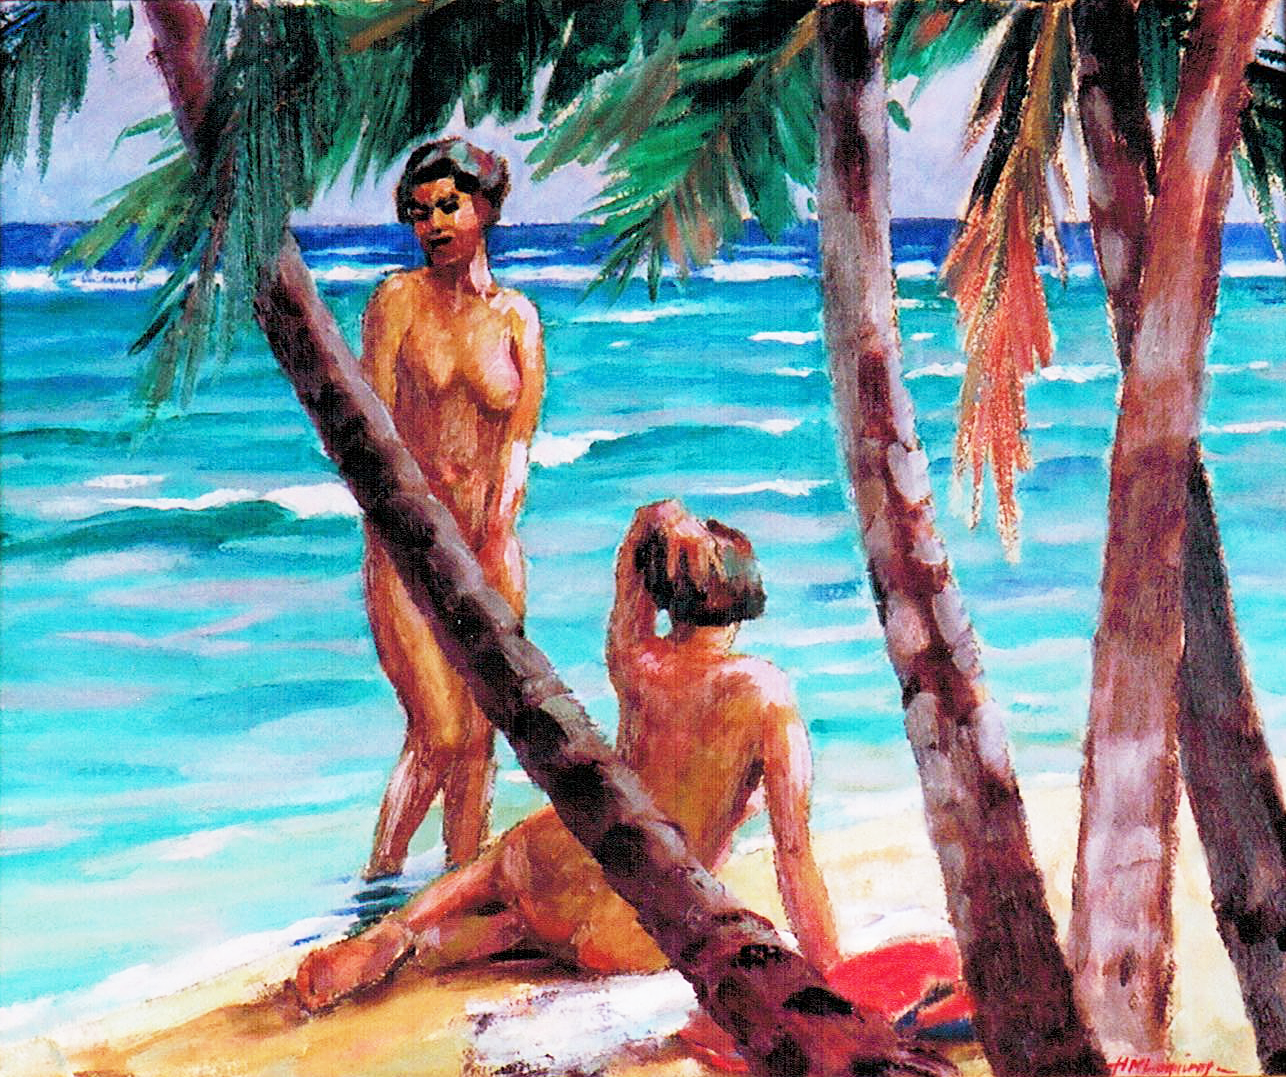 Nude Female Figures 90